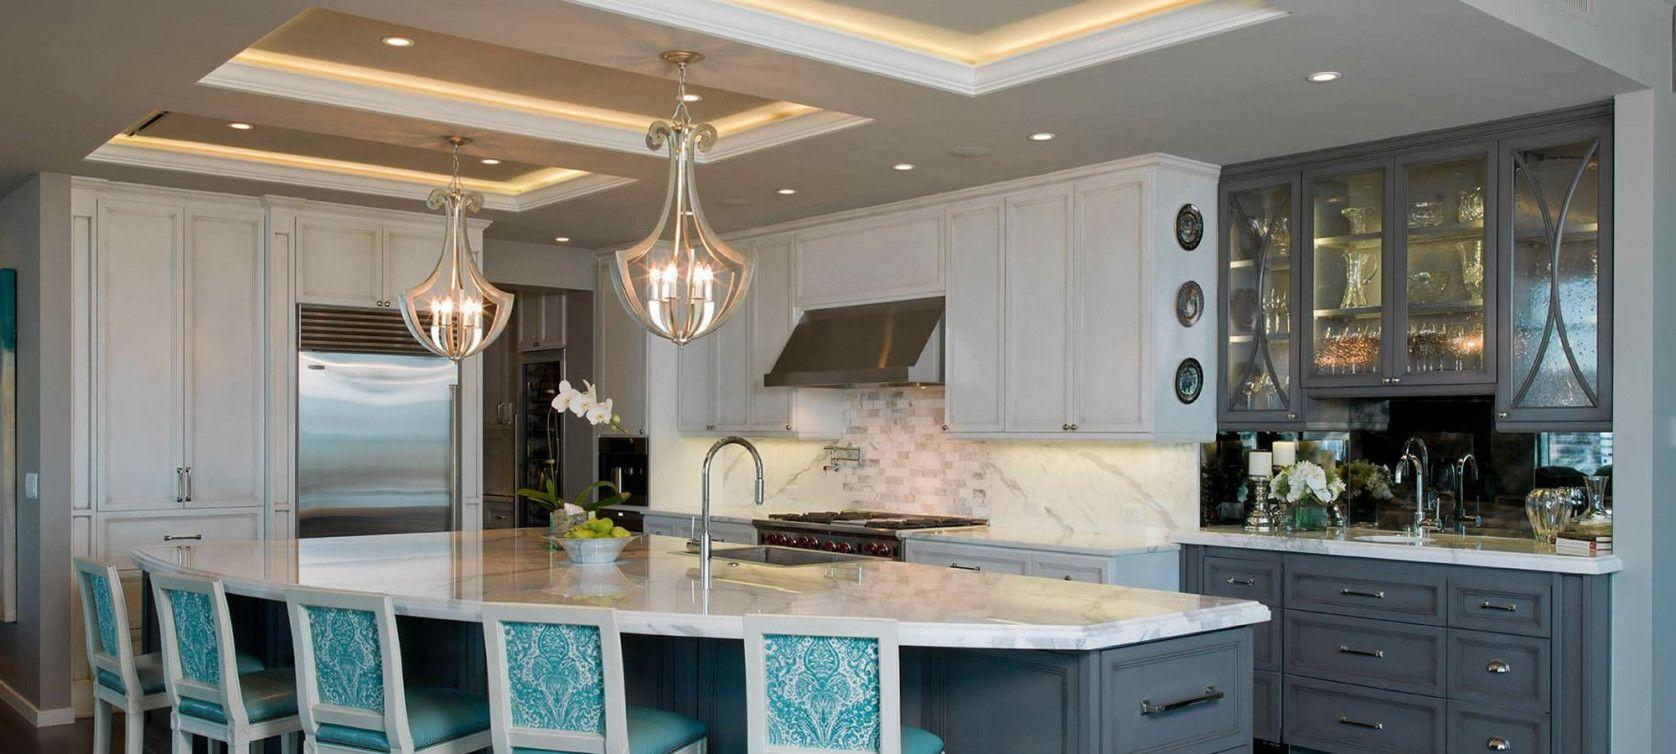 70 Thermal Foil Cabinet Doors Backsplash For Kitchen Ideas Check